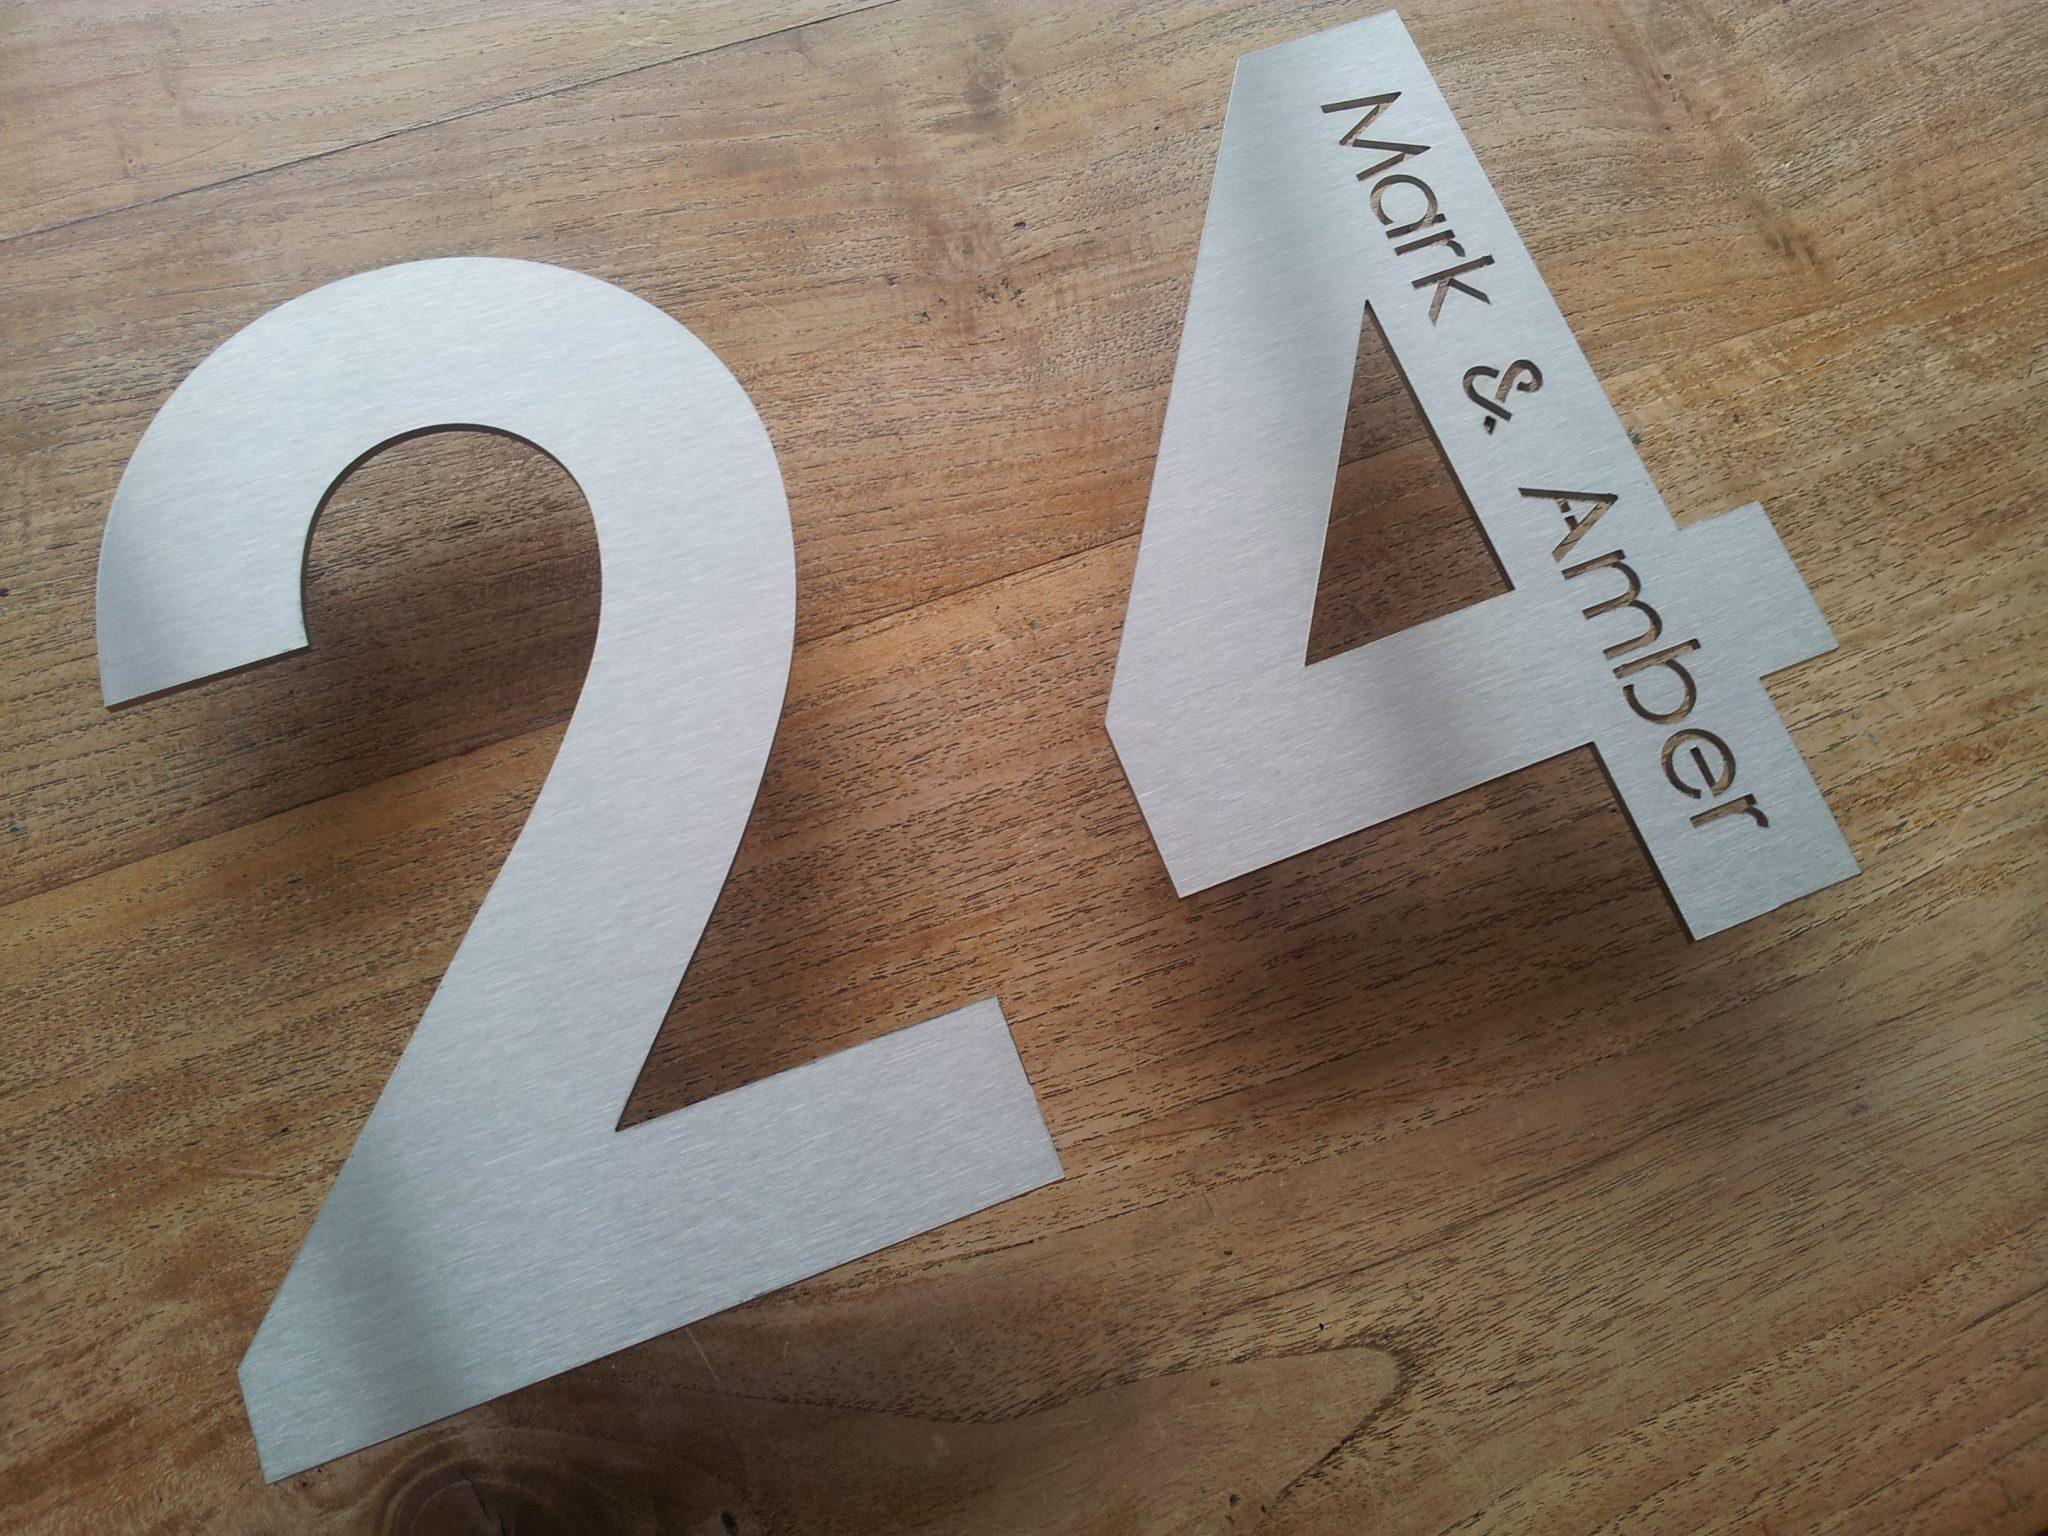 Fonkelnieuw Huisnummer uit losse cijfers RVS316 3mm dik met naam AU-08